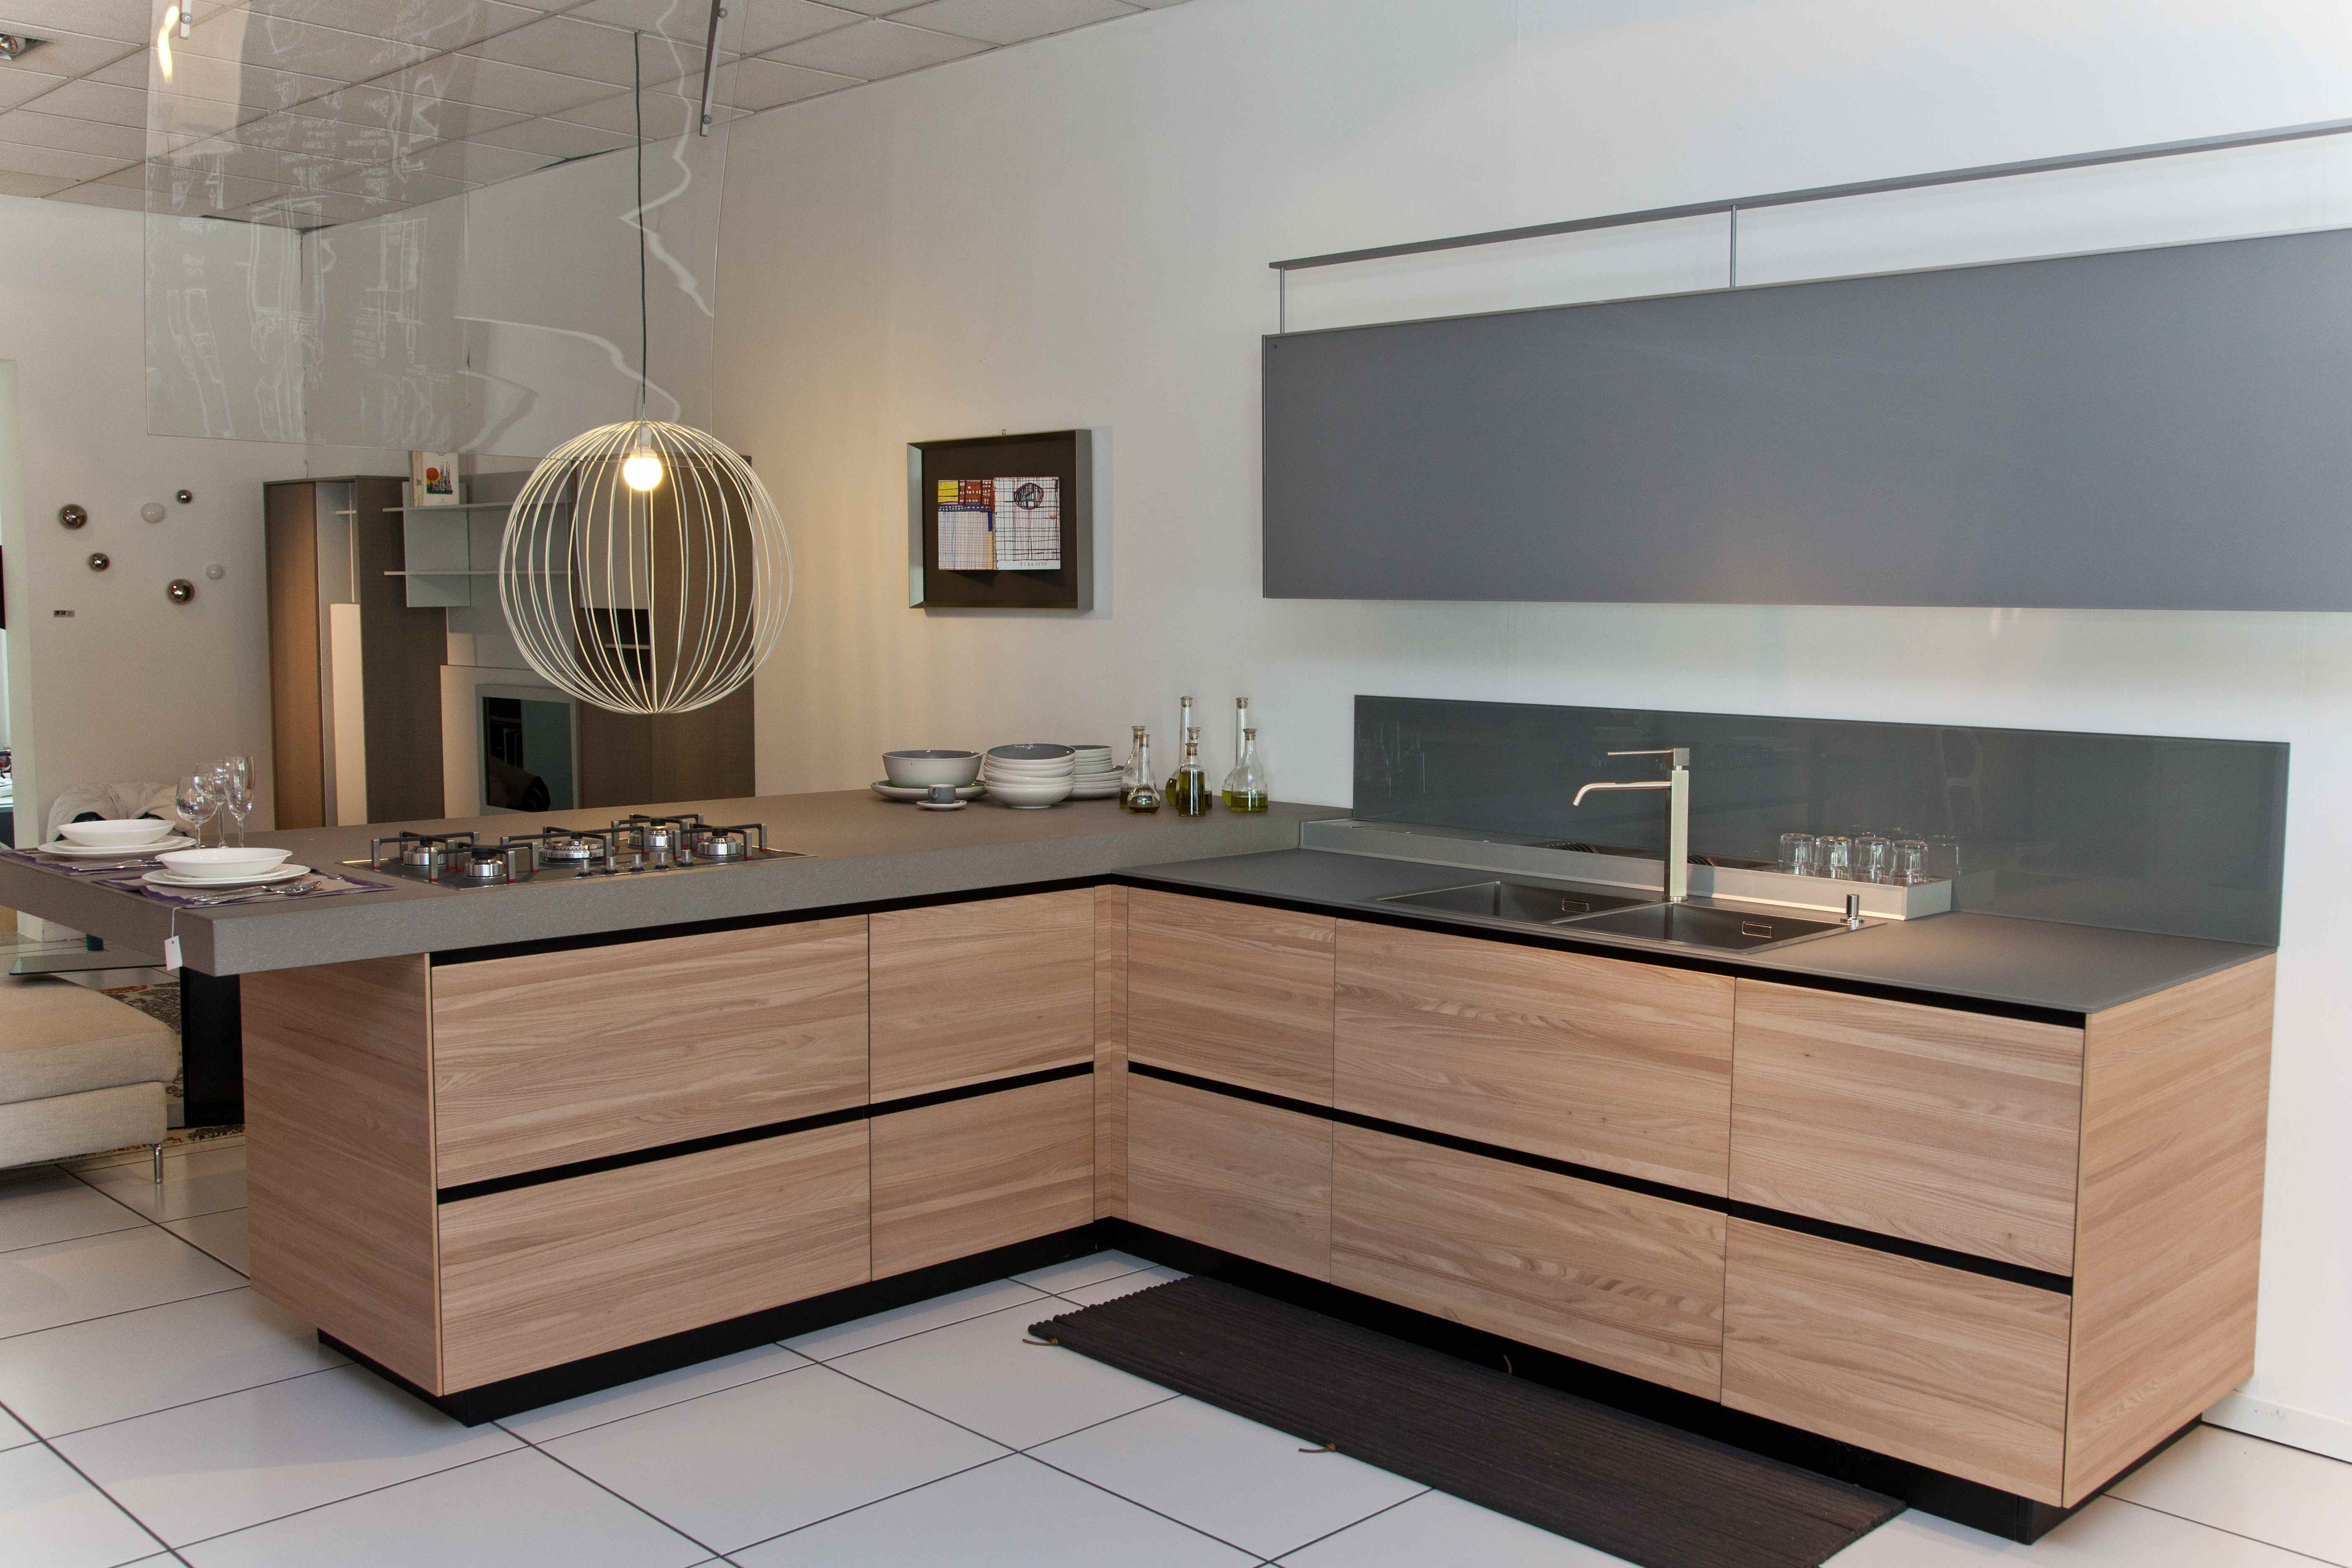 Beautiful marche di cucine moderne contemporary home - Cucine bianche moderne ...